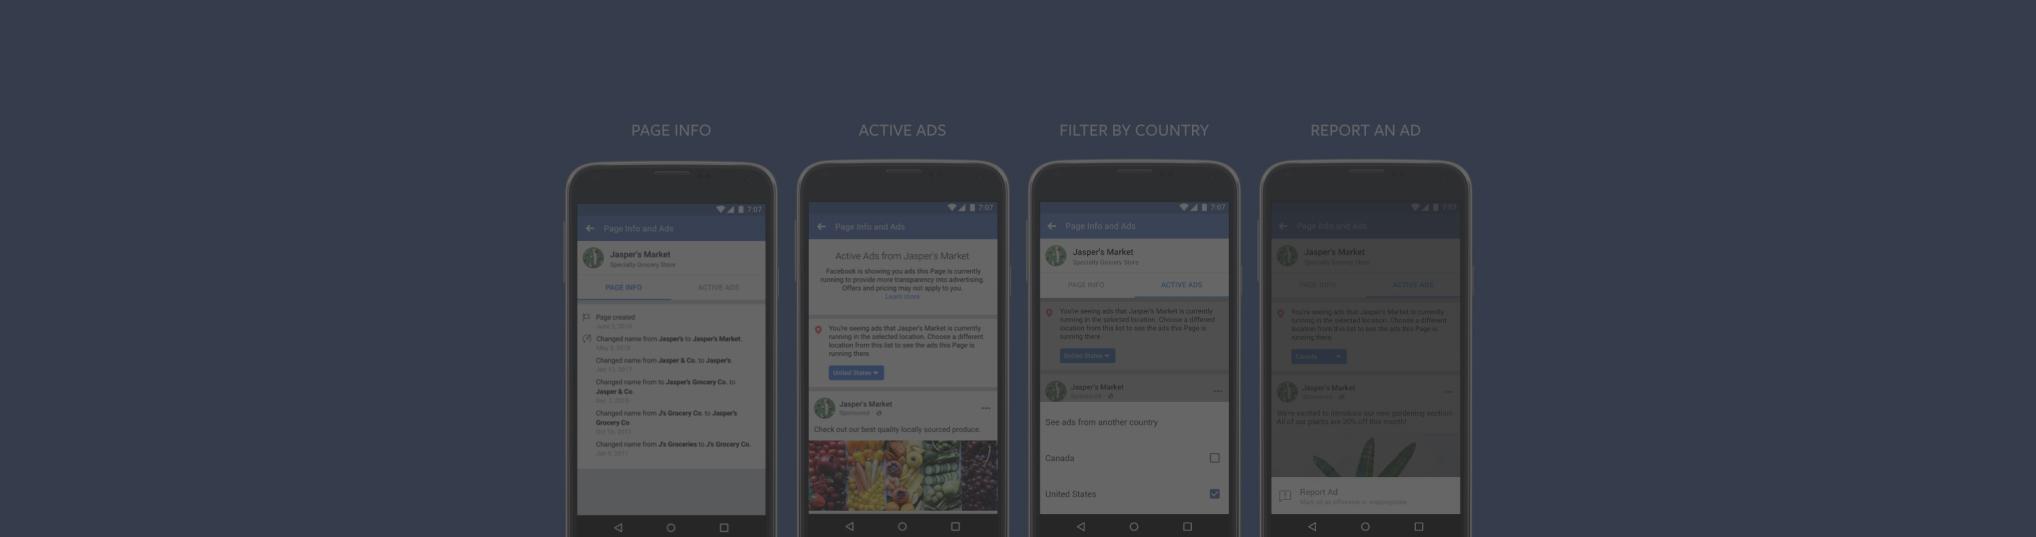 Nová úroveň transparentnosti pre reklamy a stránky